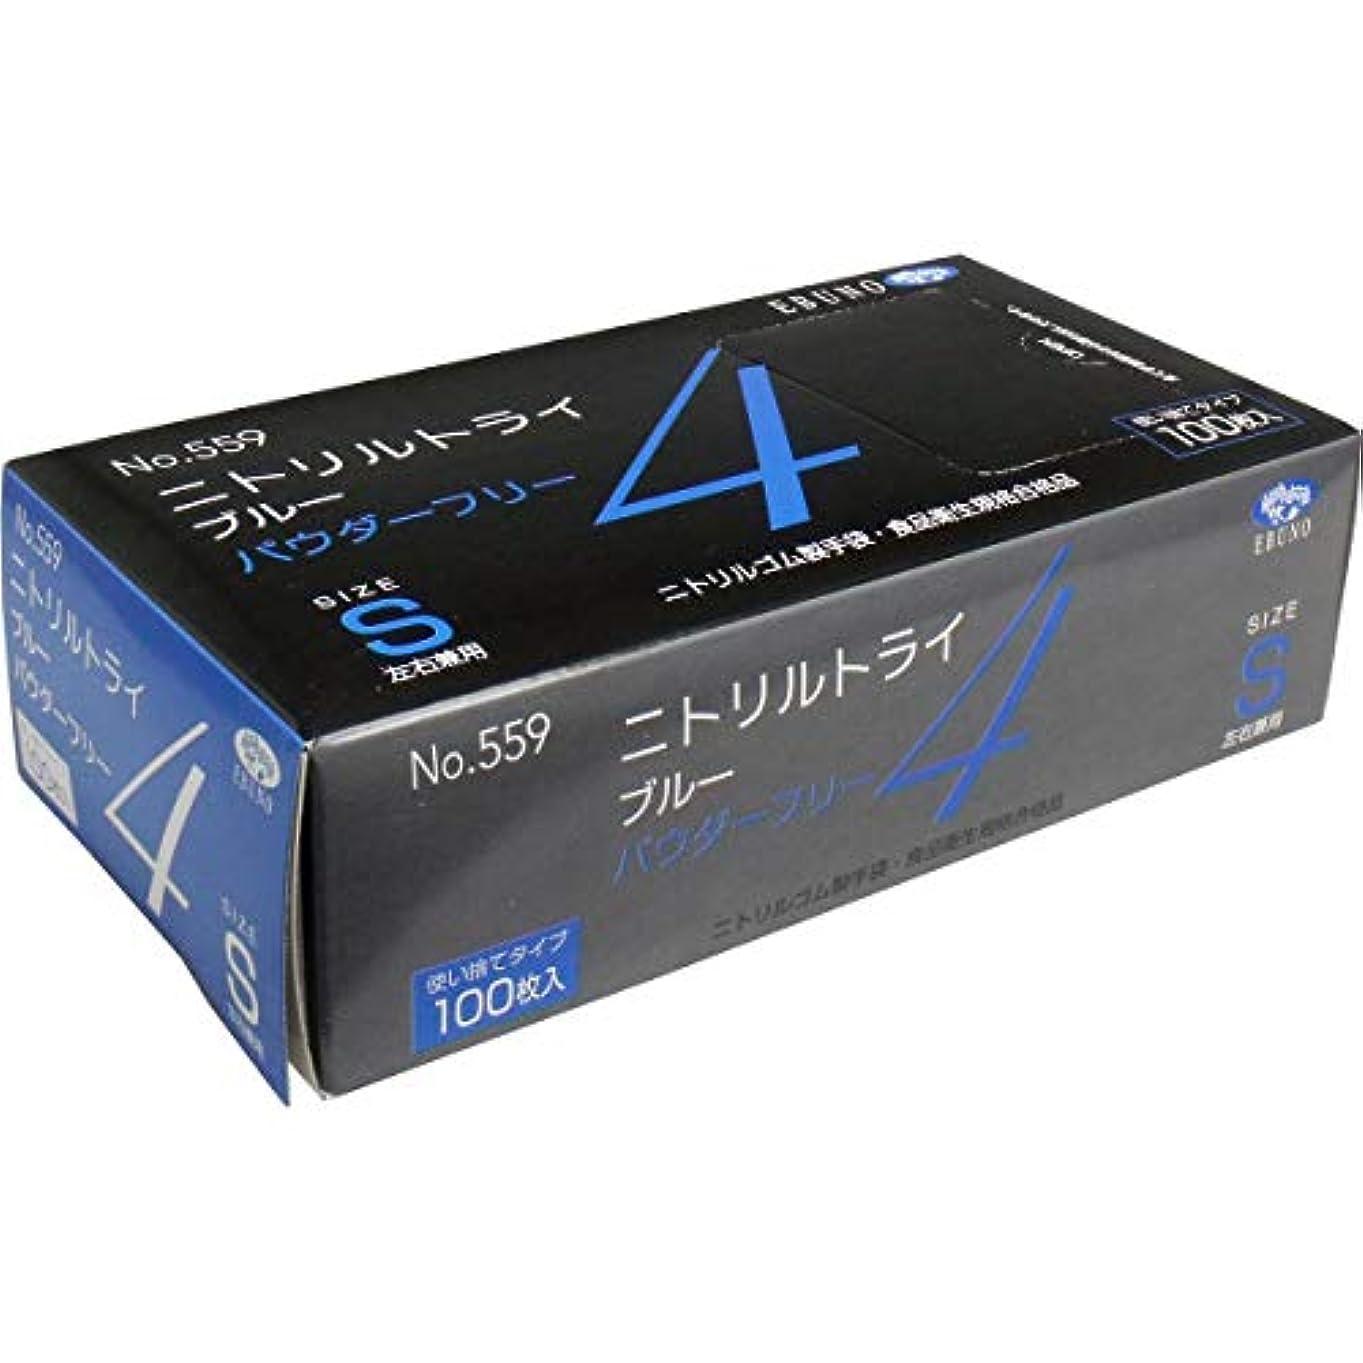 虫所属出血ニトリルトライ4 手袋 ブルー パウダーフリー Sサイズ 100枚入×2個セット